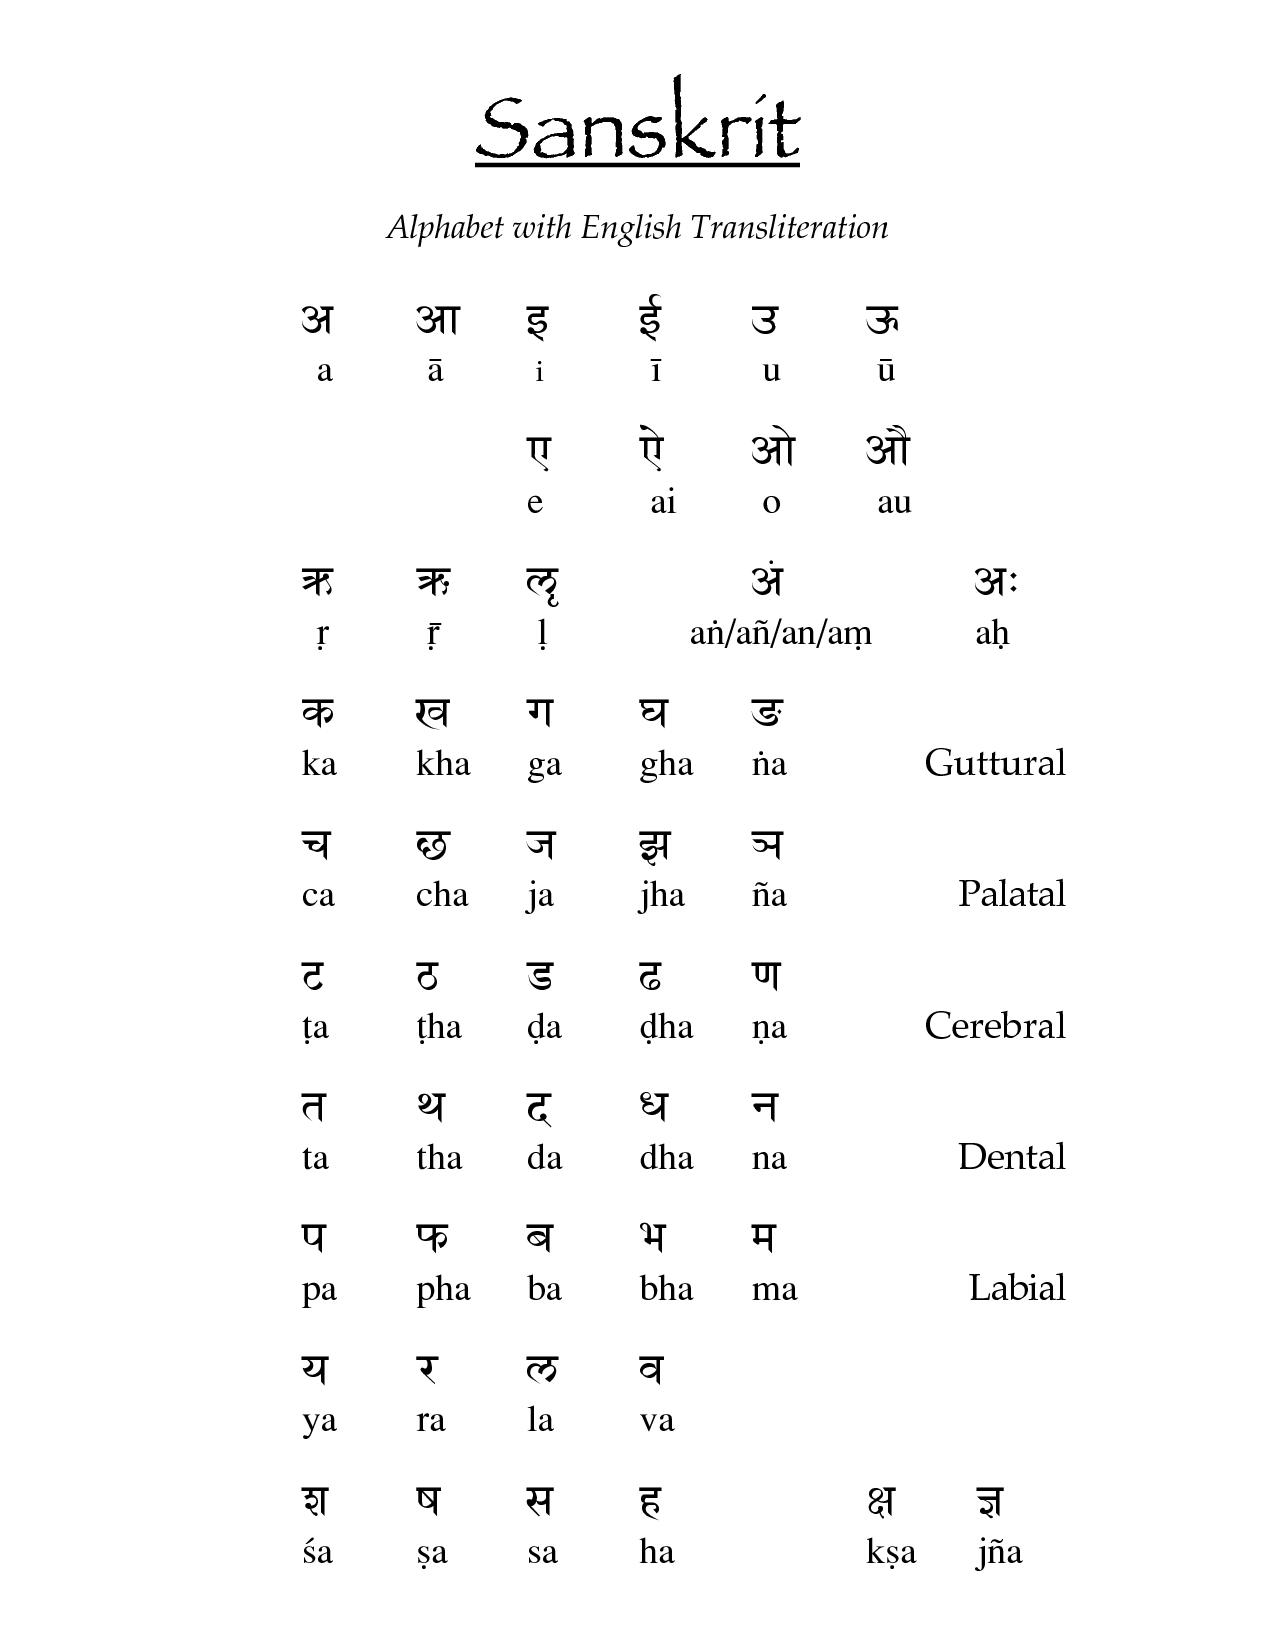 Поздравление на хинди с переводом 28